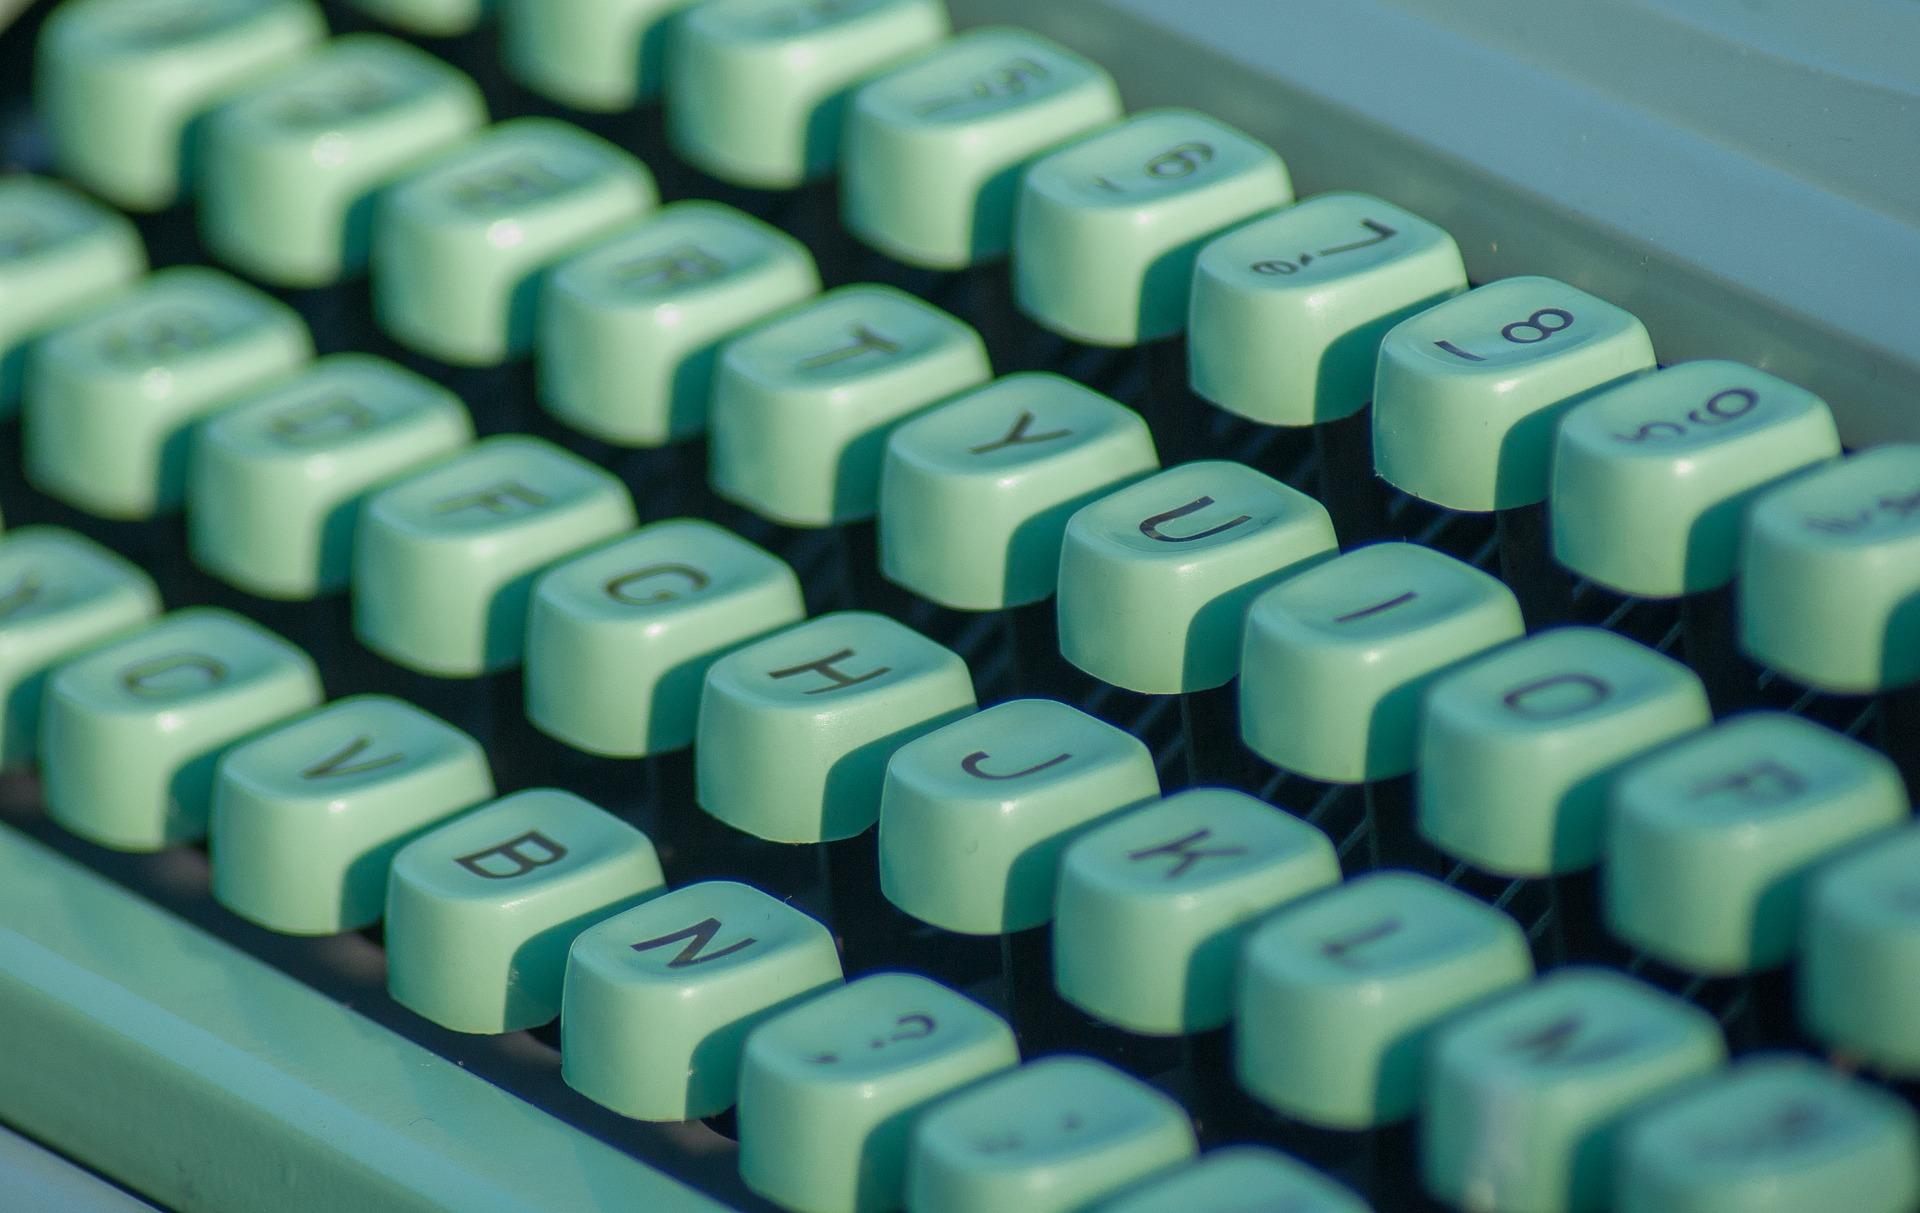 typewriter-1726000_1920.jpg